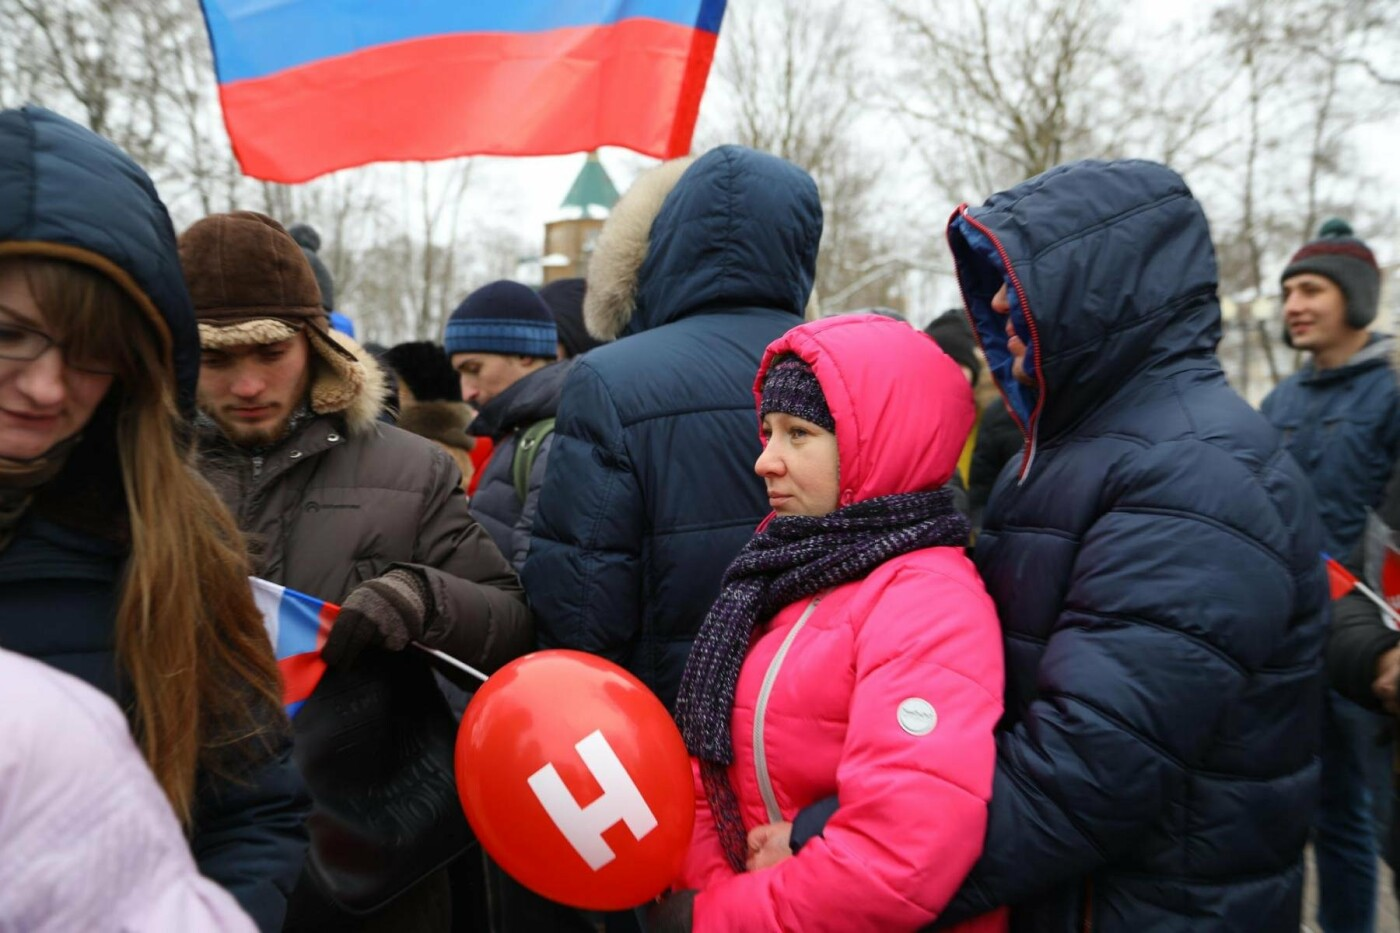 В Белгороде у Дома офицеров прошла «забастовка избирателей» — фоторепортаж, фото-33